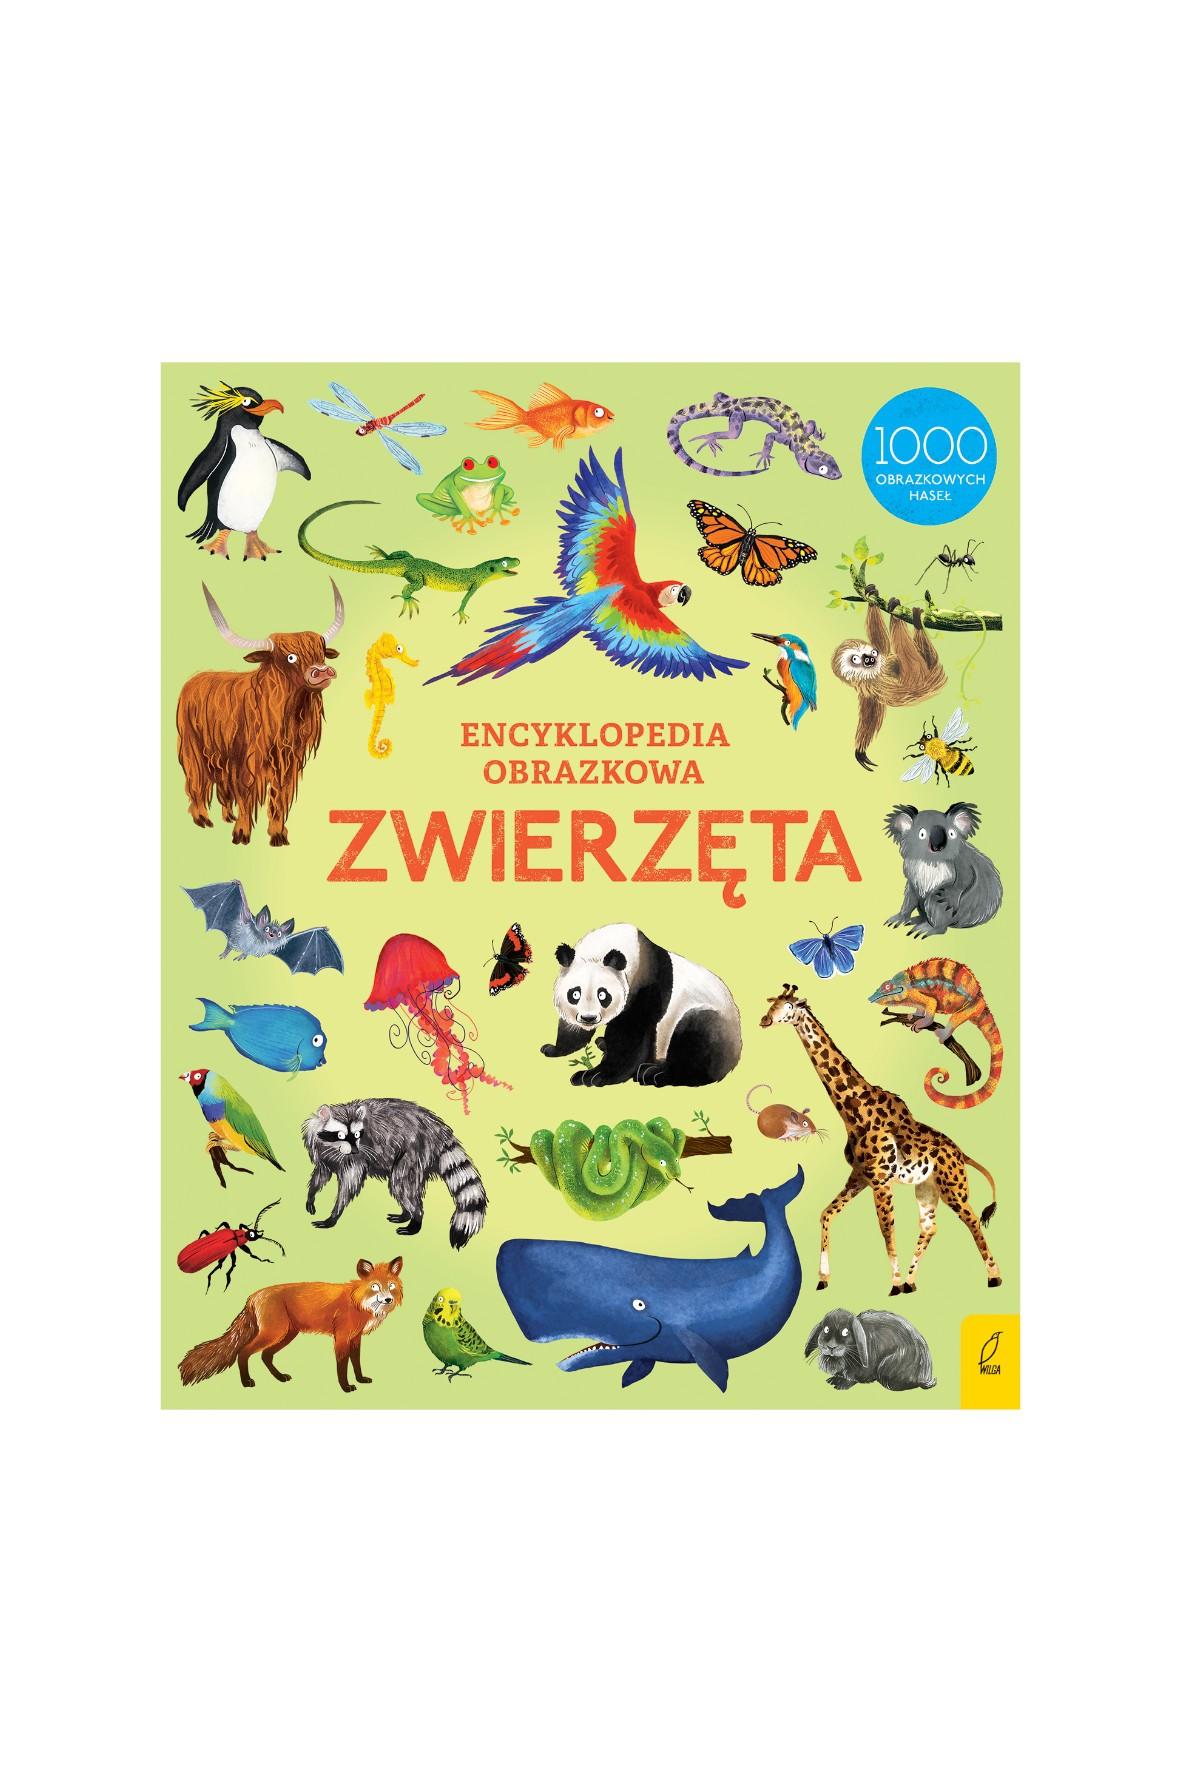 Encyklopedia obrazkowa. Zwierzęta - wiek 3+